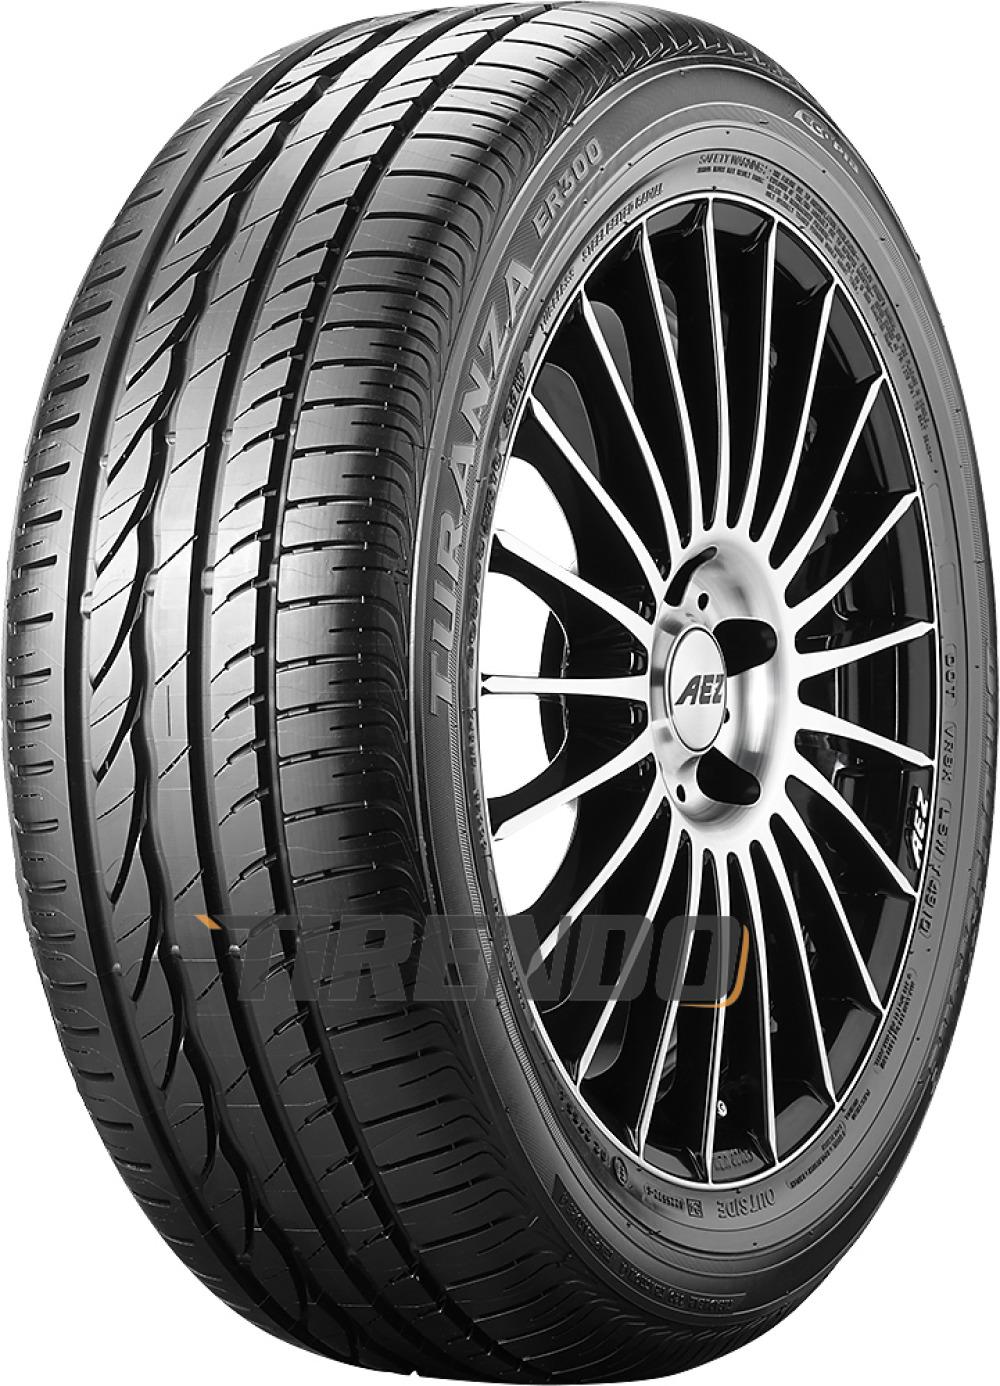 Bridgestone Turanza ER 300 Ecopia ( 205/55 R16 94H XL mit Felgenschutz (MFS) )